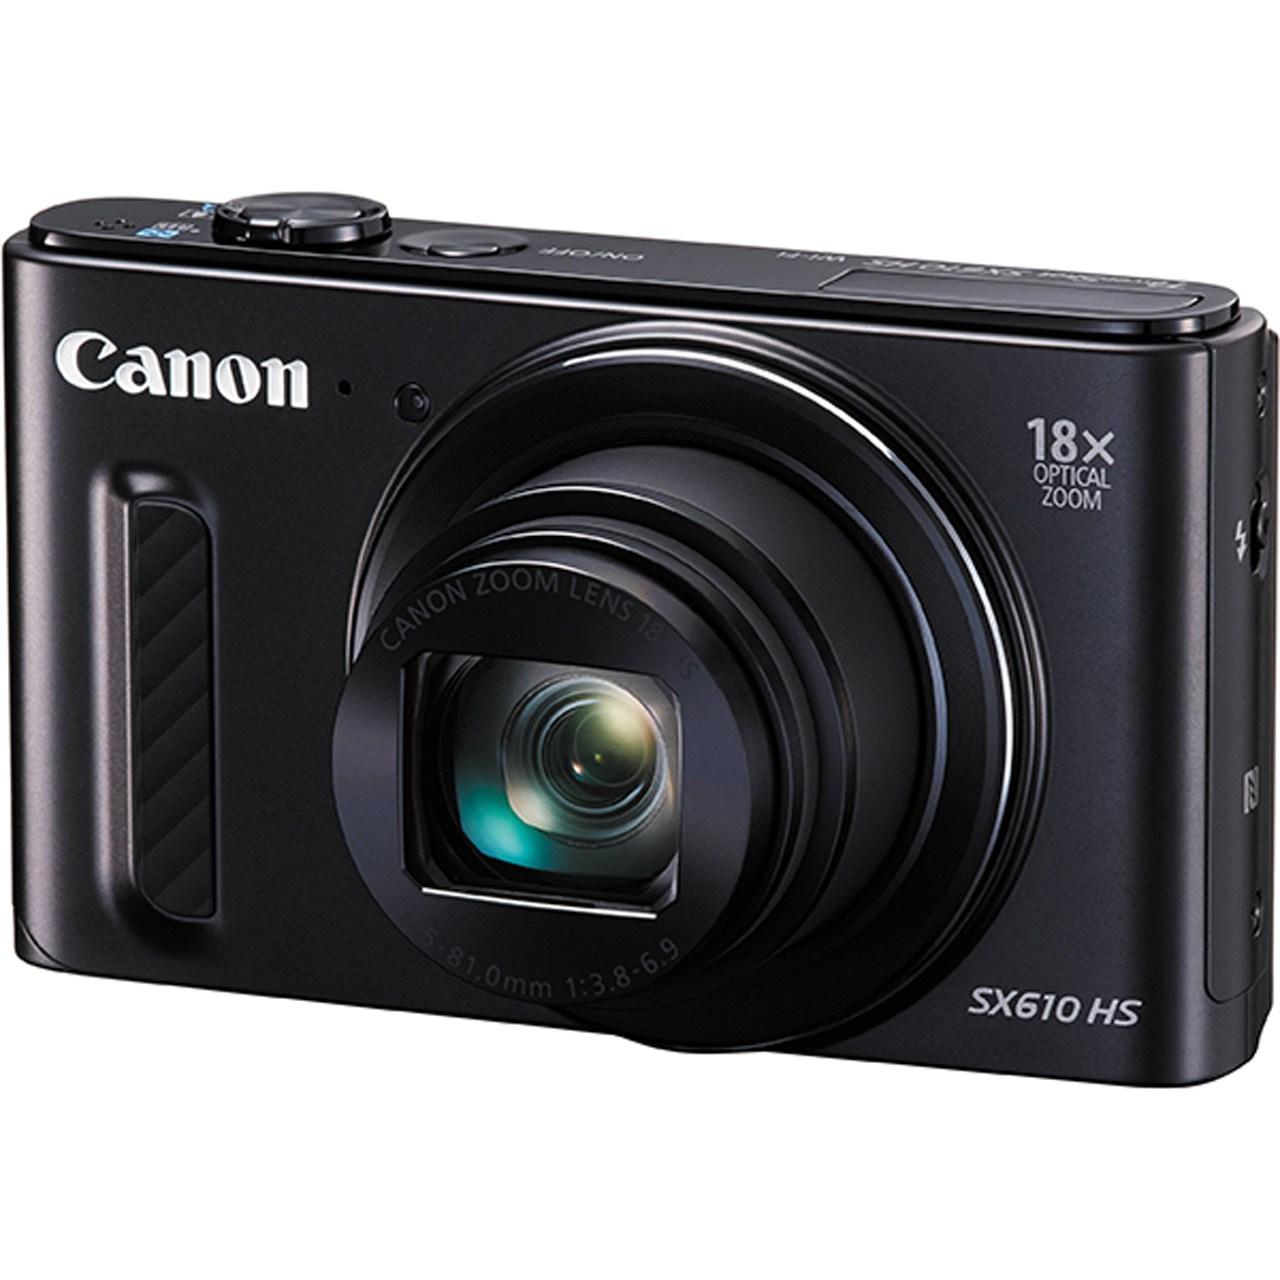 دوربين ديجيتال کانن مدل Canon Powershot SX610 HS Digital Camera